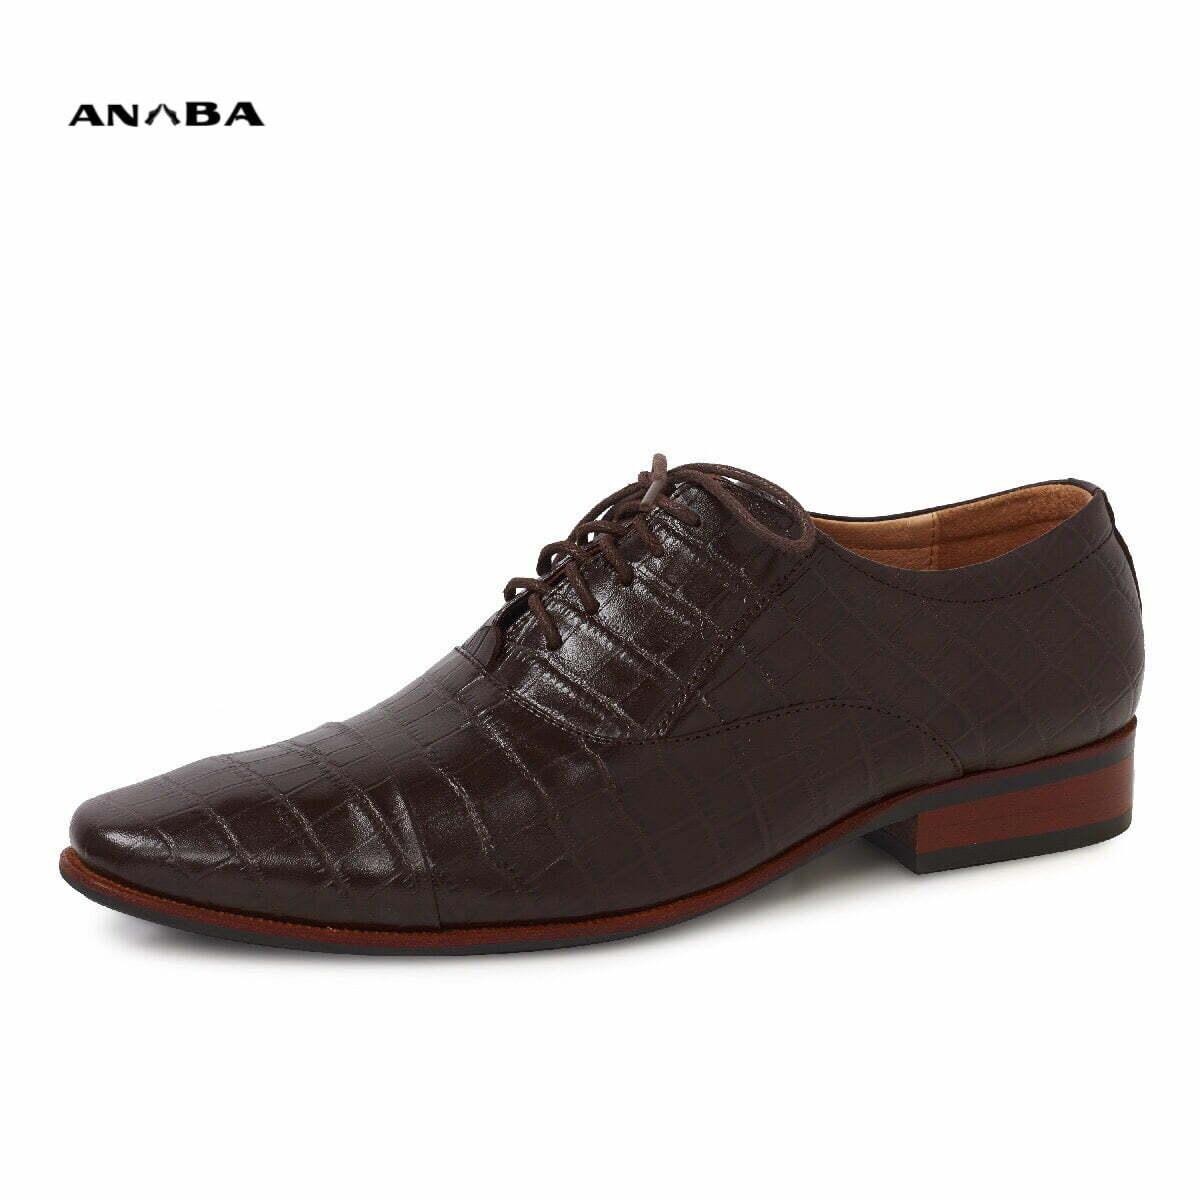 Fresh style hẹn hò cùng giày tây cao cấp AB - C305 nhà An Ba